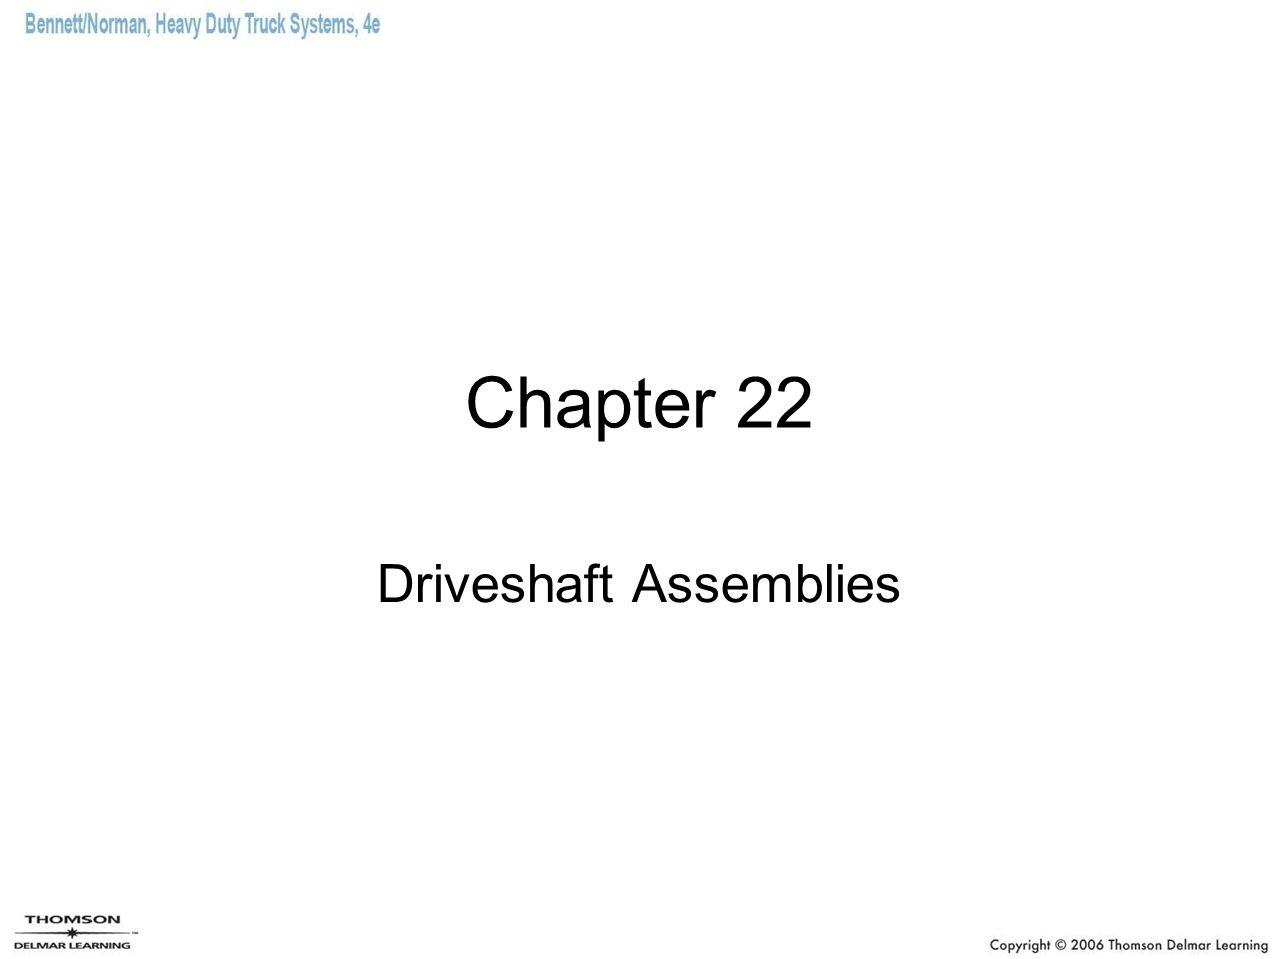 Chapter 22 Driveshaft Assemblies